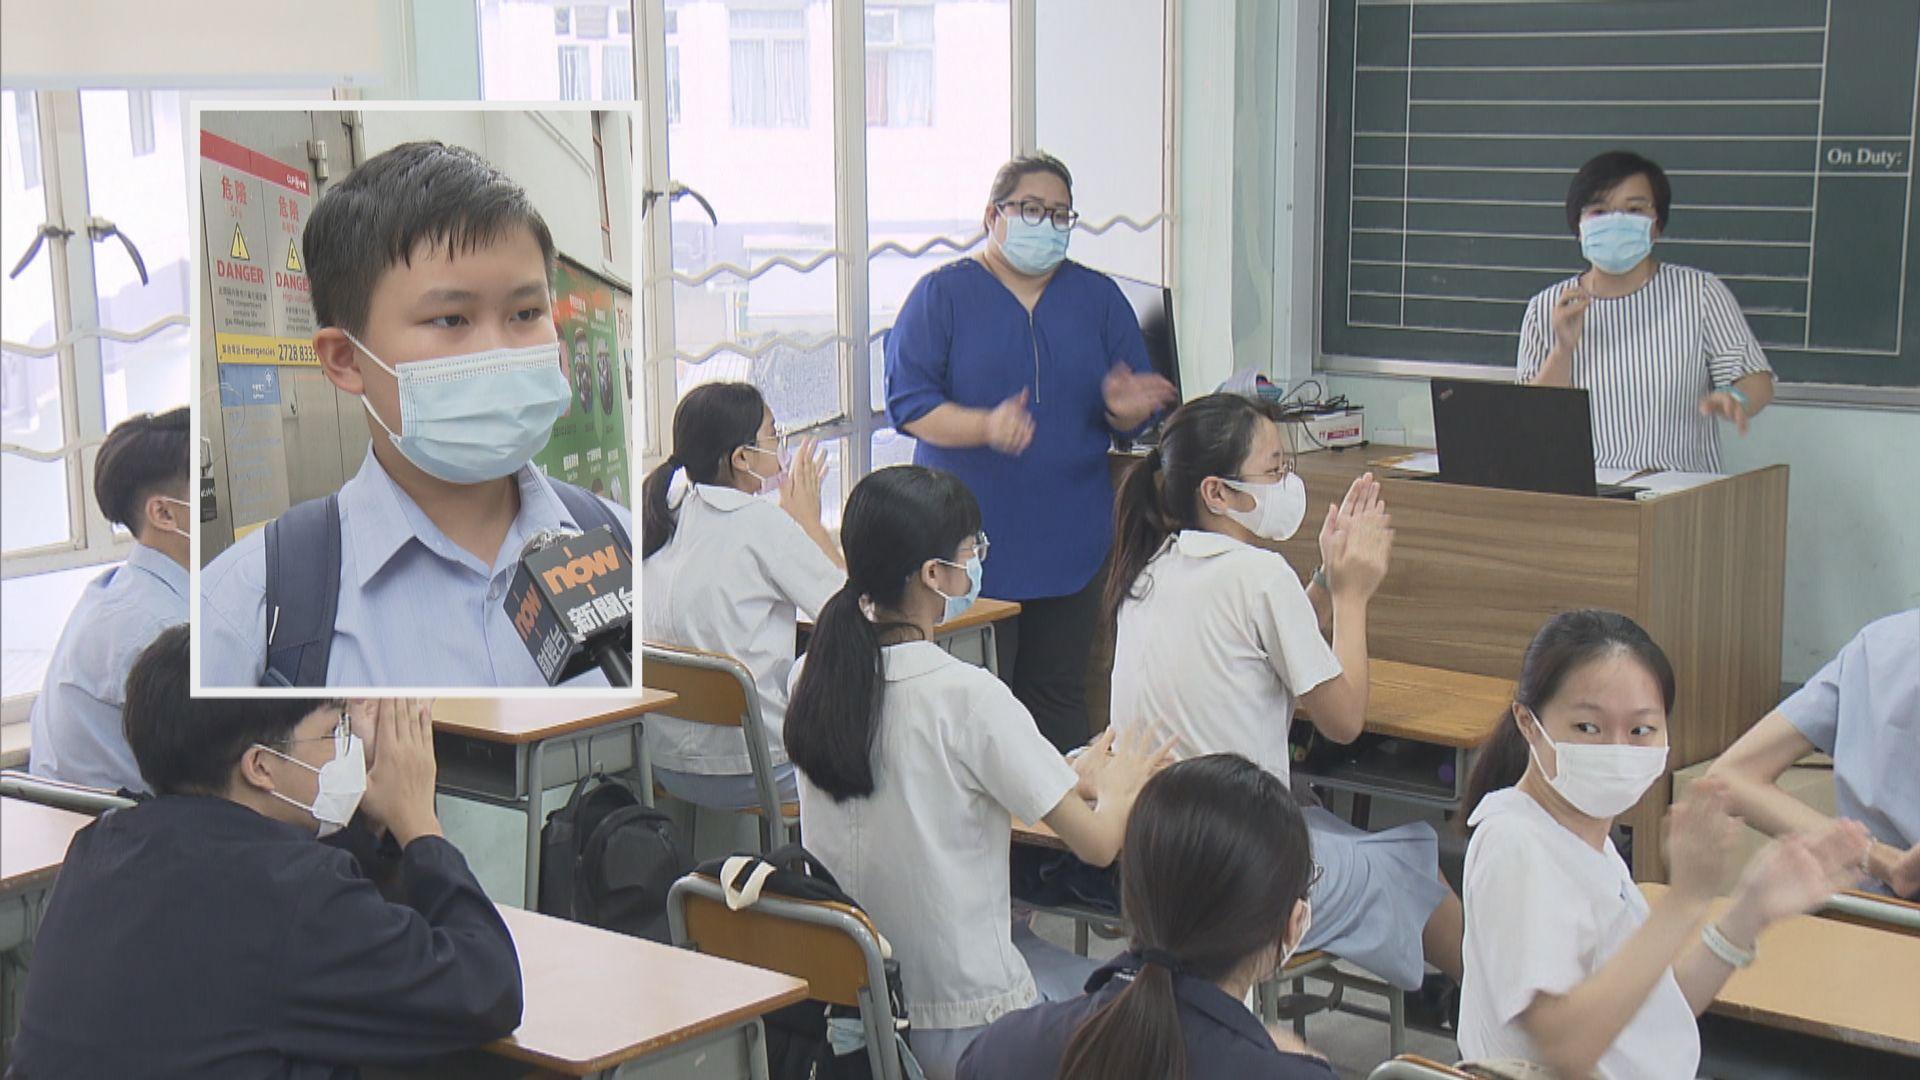 有中學爭取月內高中恢復全日面授課堂